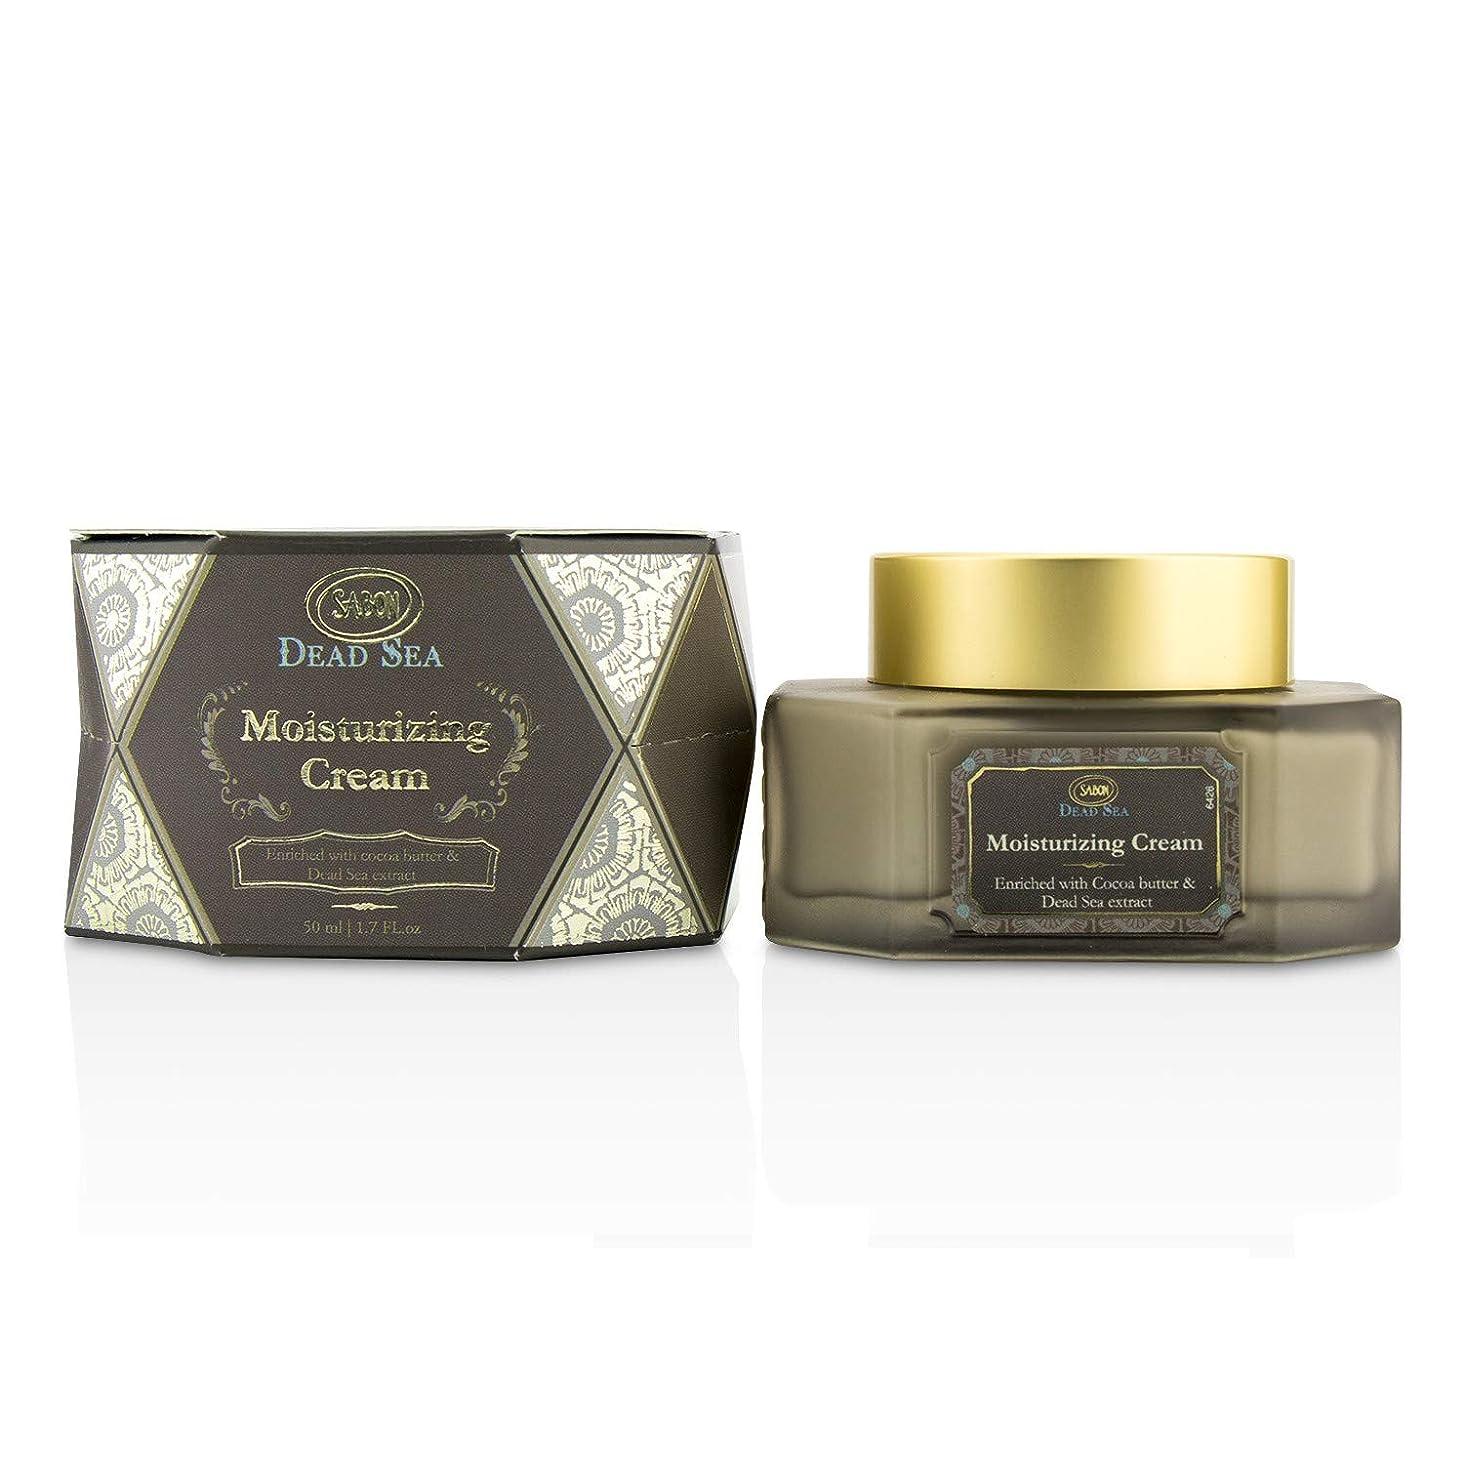 リンス蘇生する生物学サボン Dead Sea Moisturizing Cream 50ml/1.7oz並行輸入品